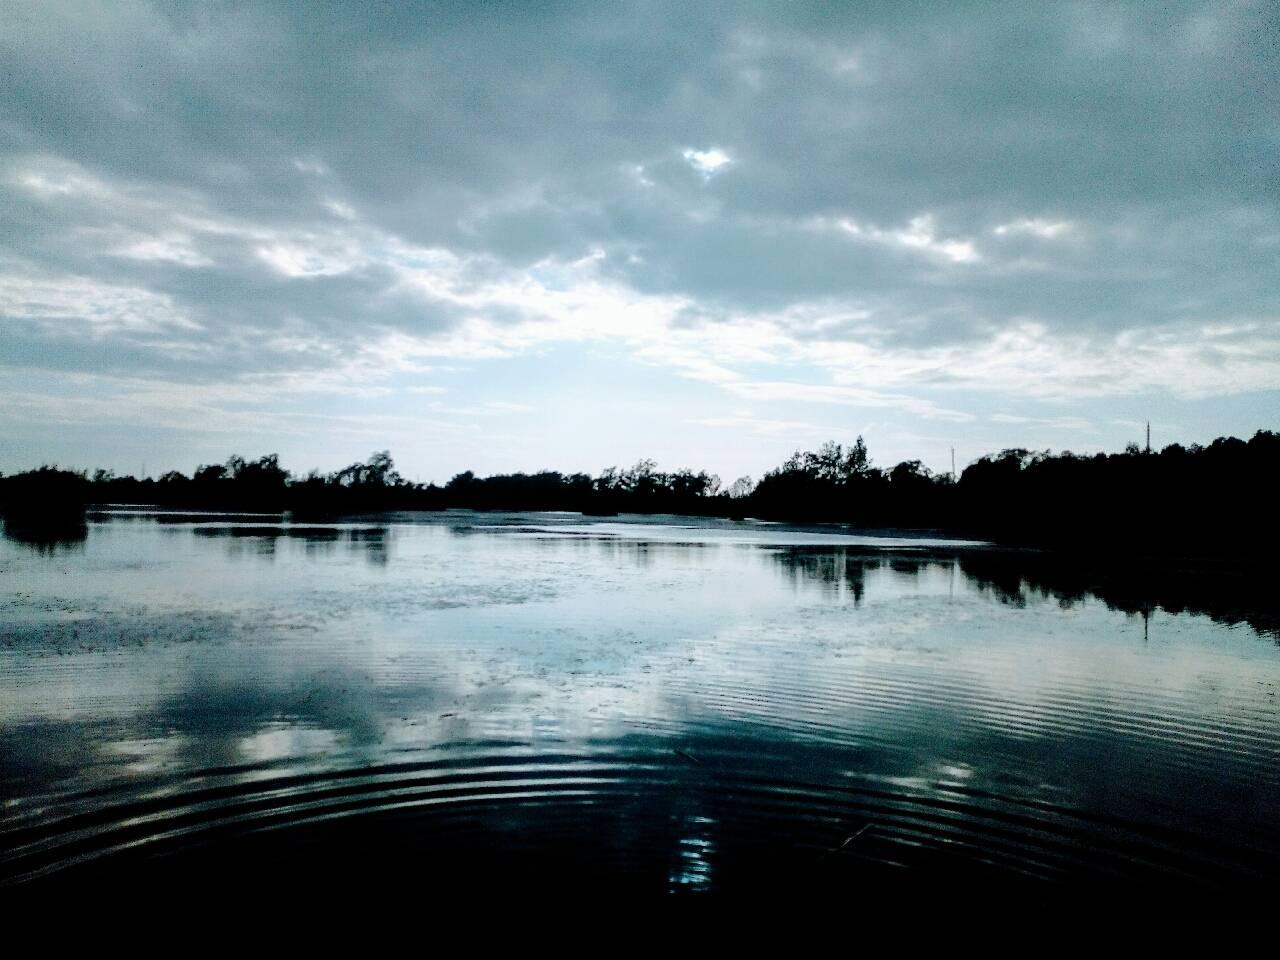 озеро вечір photo Oleg